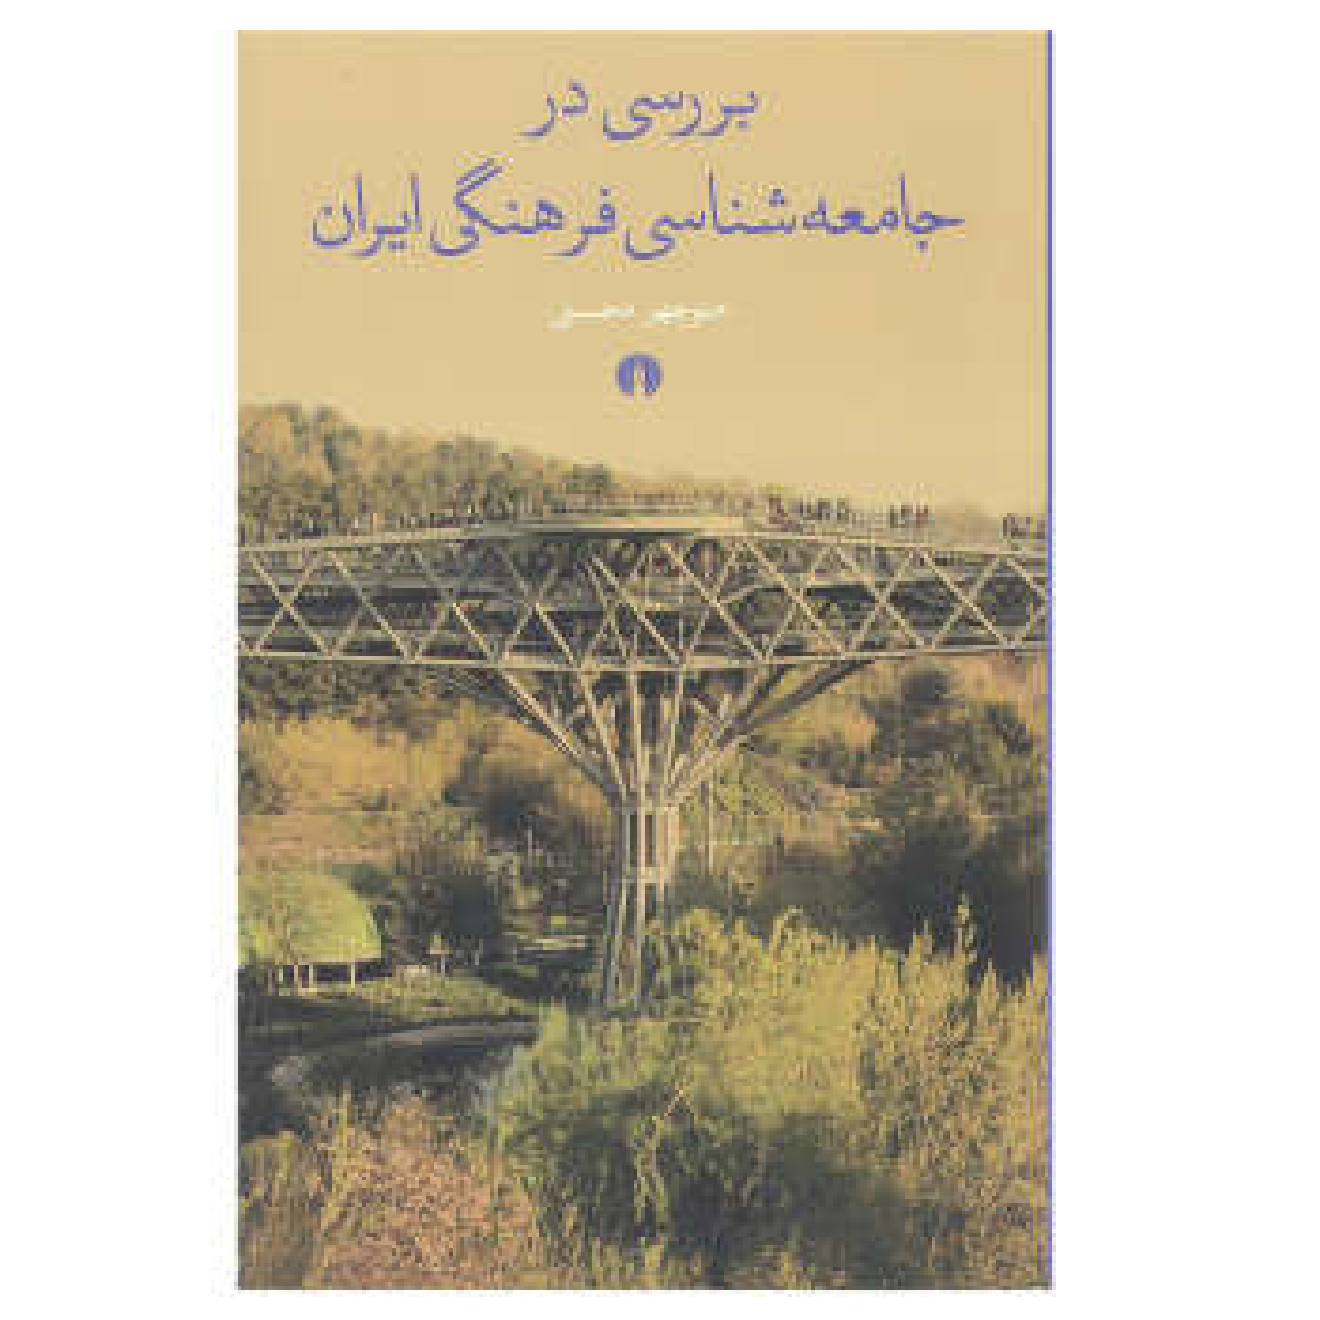 بررسی در جامعه شناسی فرهنگی ایران اثر منوچهر محسنی نشرعلمی و فرهنگی